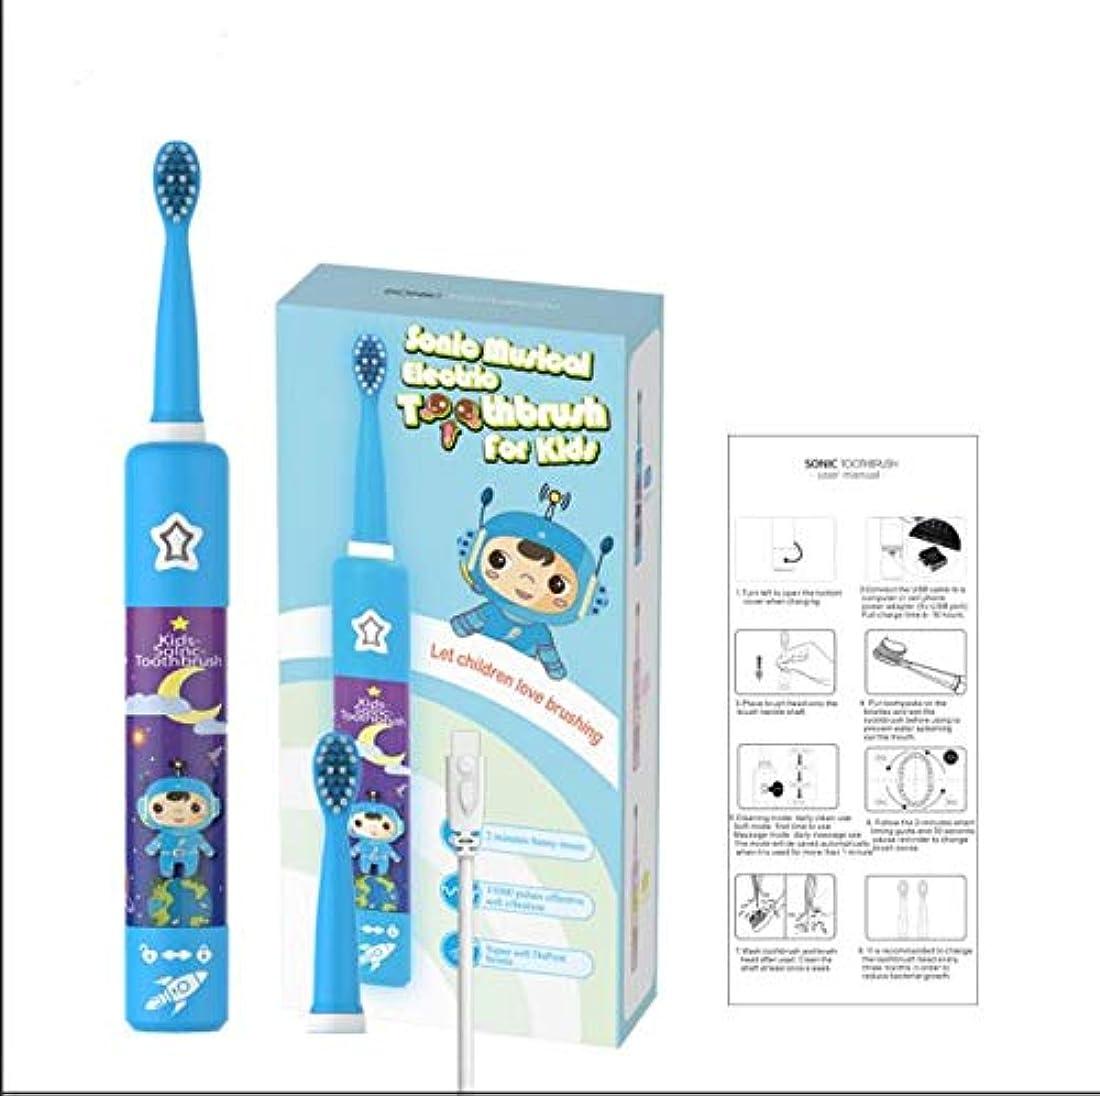 提案従来の原油新しいスタイルキッズ漫画パターン電動ソニック歯ブラシ家族ソニックブラシ子供ipx7防水スマートタイマー歯ブラシヘッド (blue)